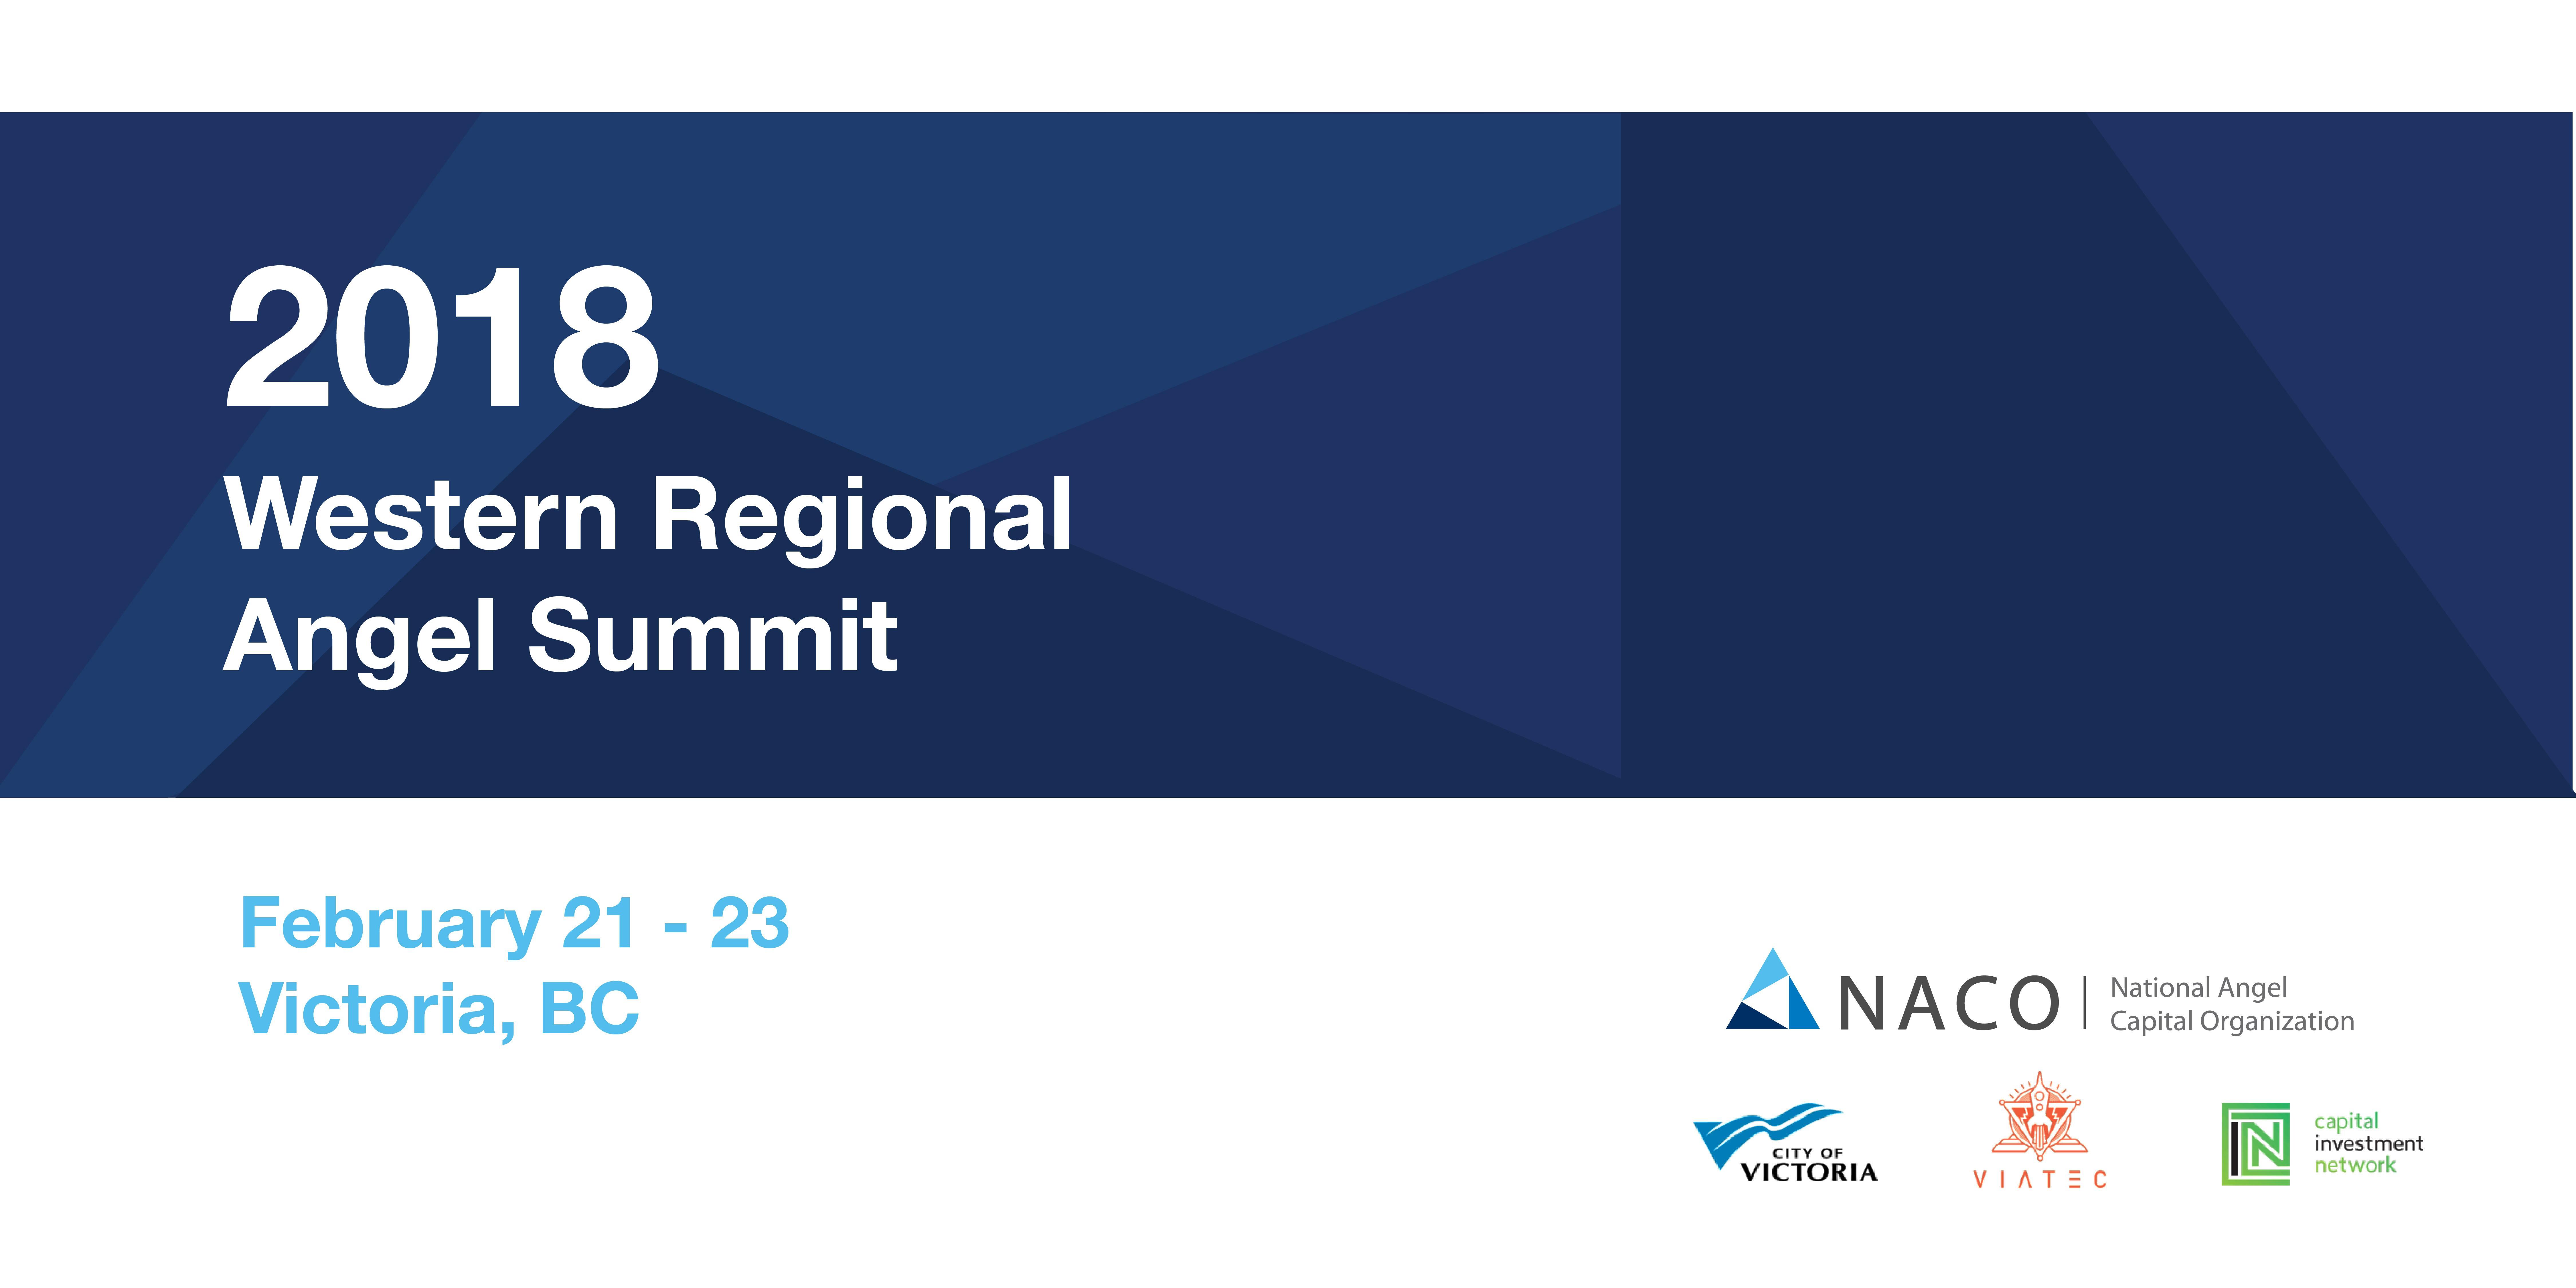 NACO Western Regional Angel Summit